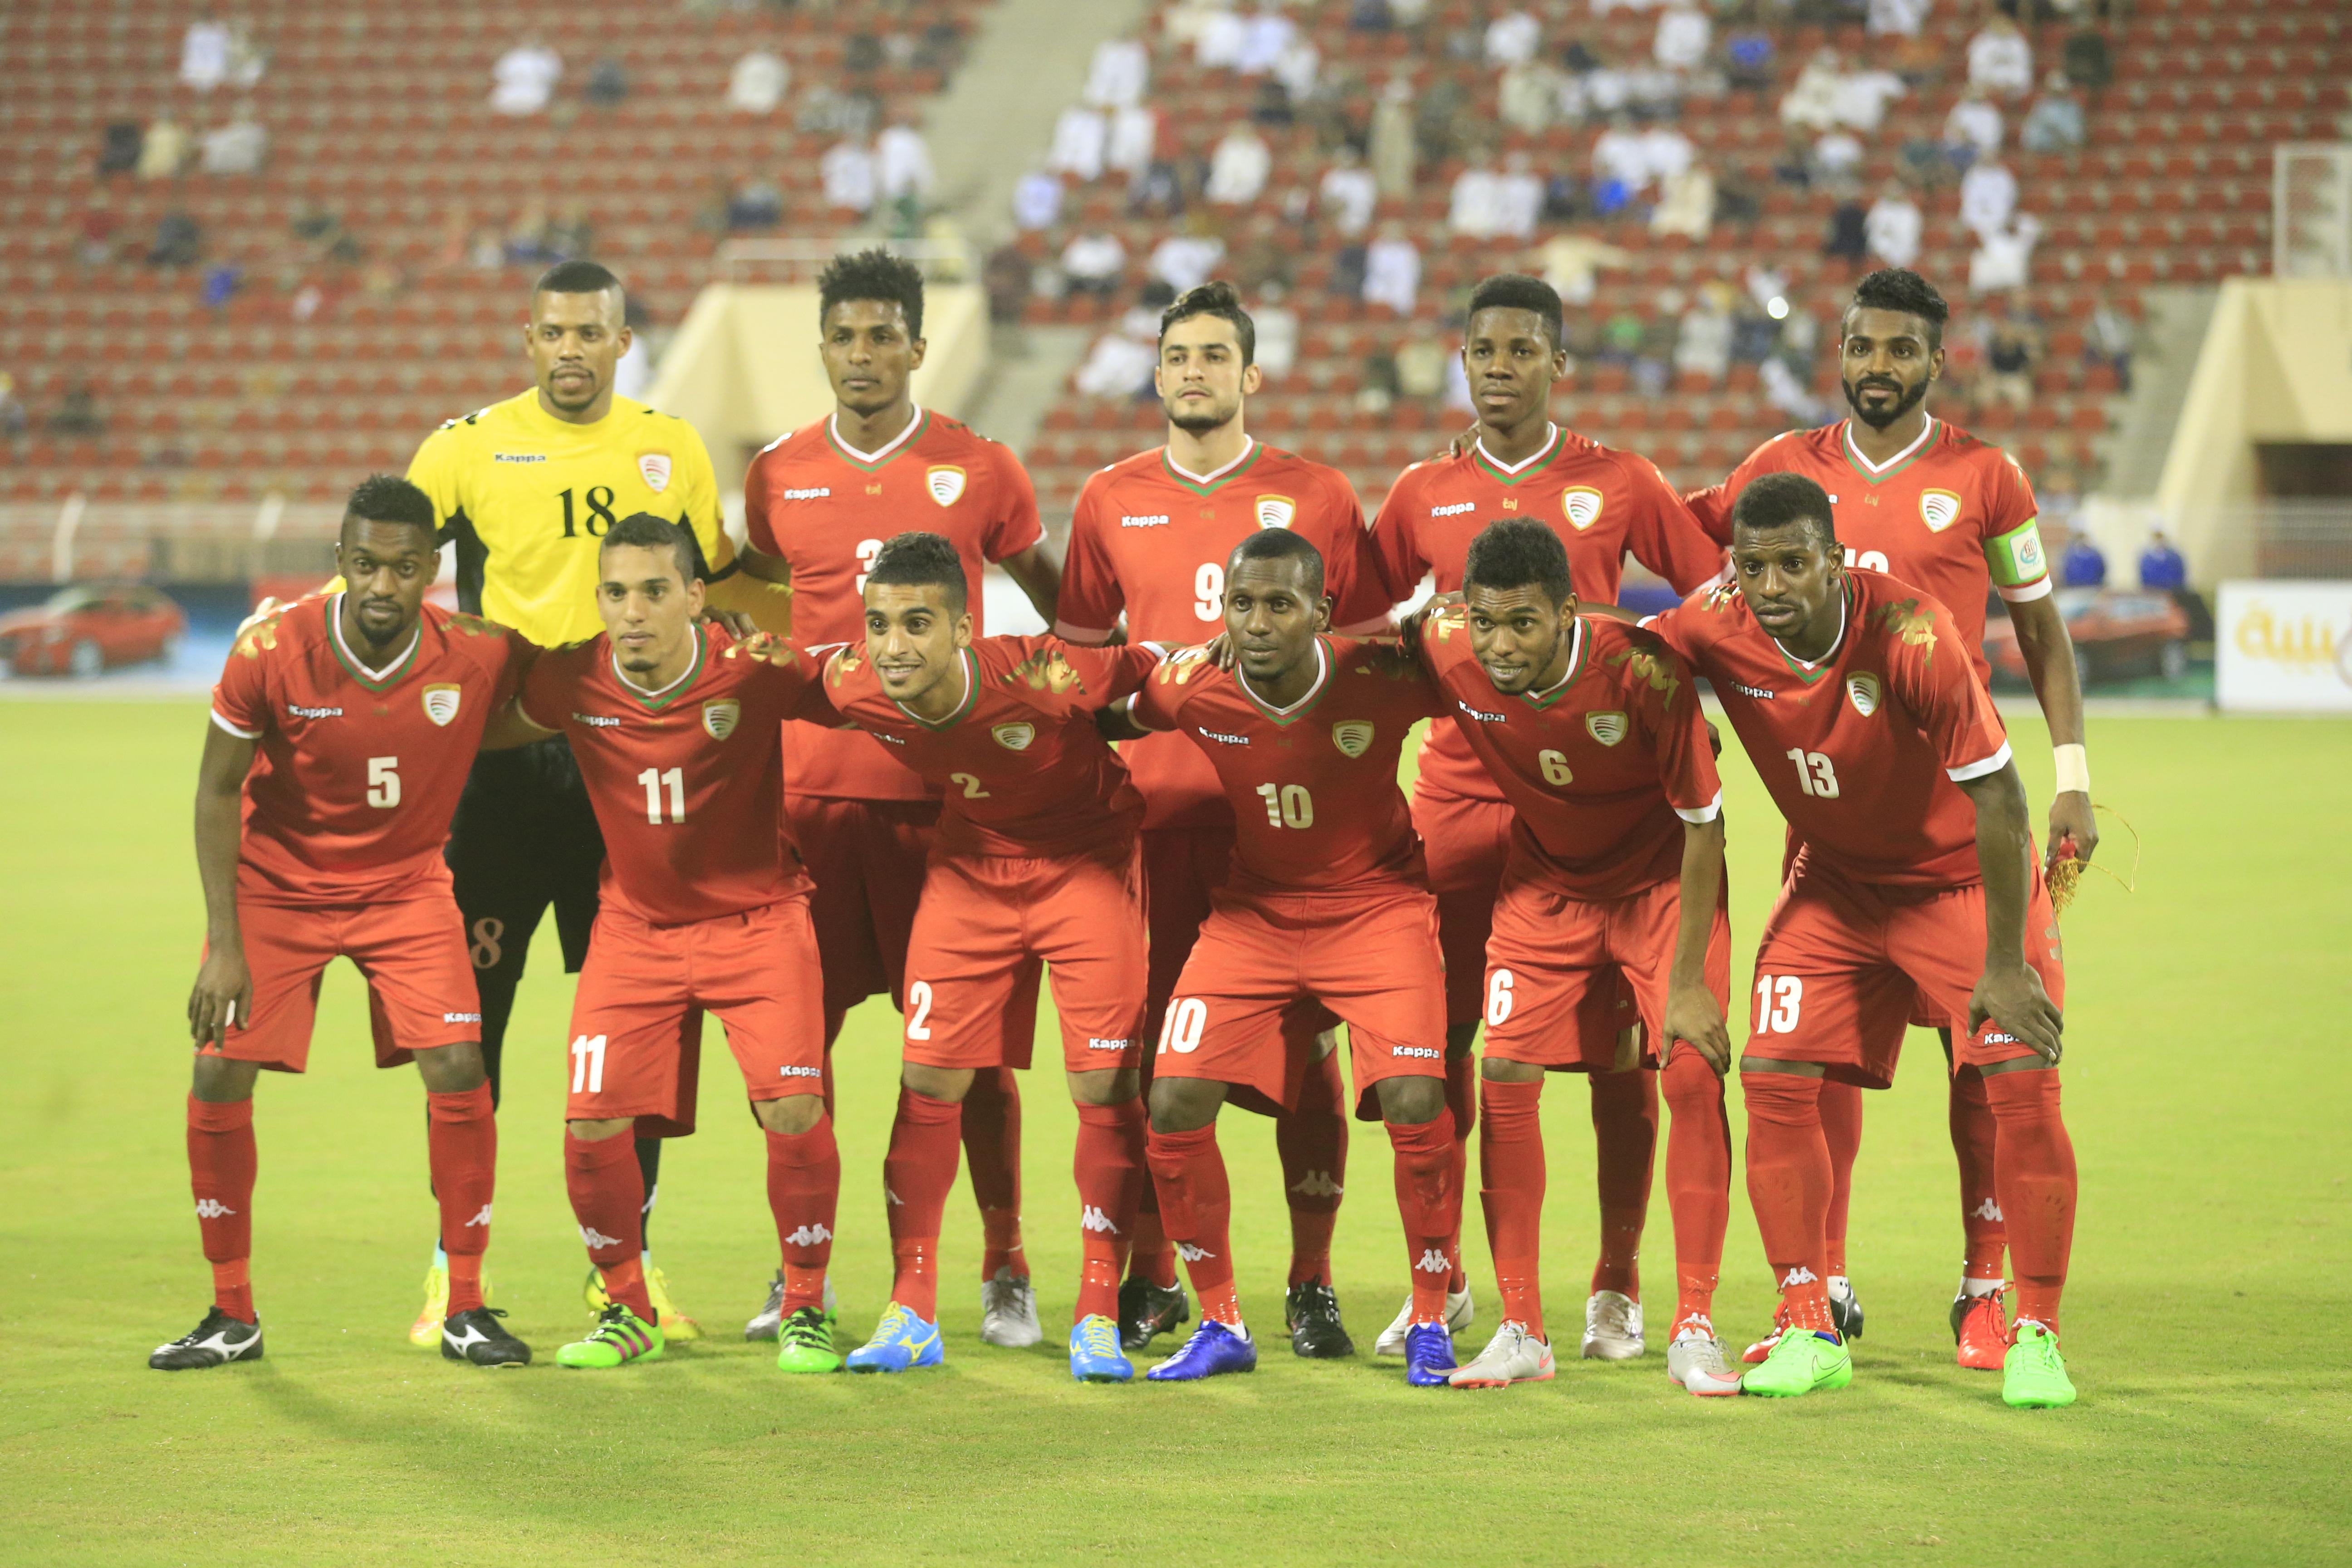 منتخبنا في مجموعة سهلة بتصفيات كأس آسيا 2019